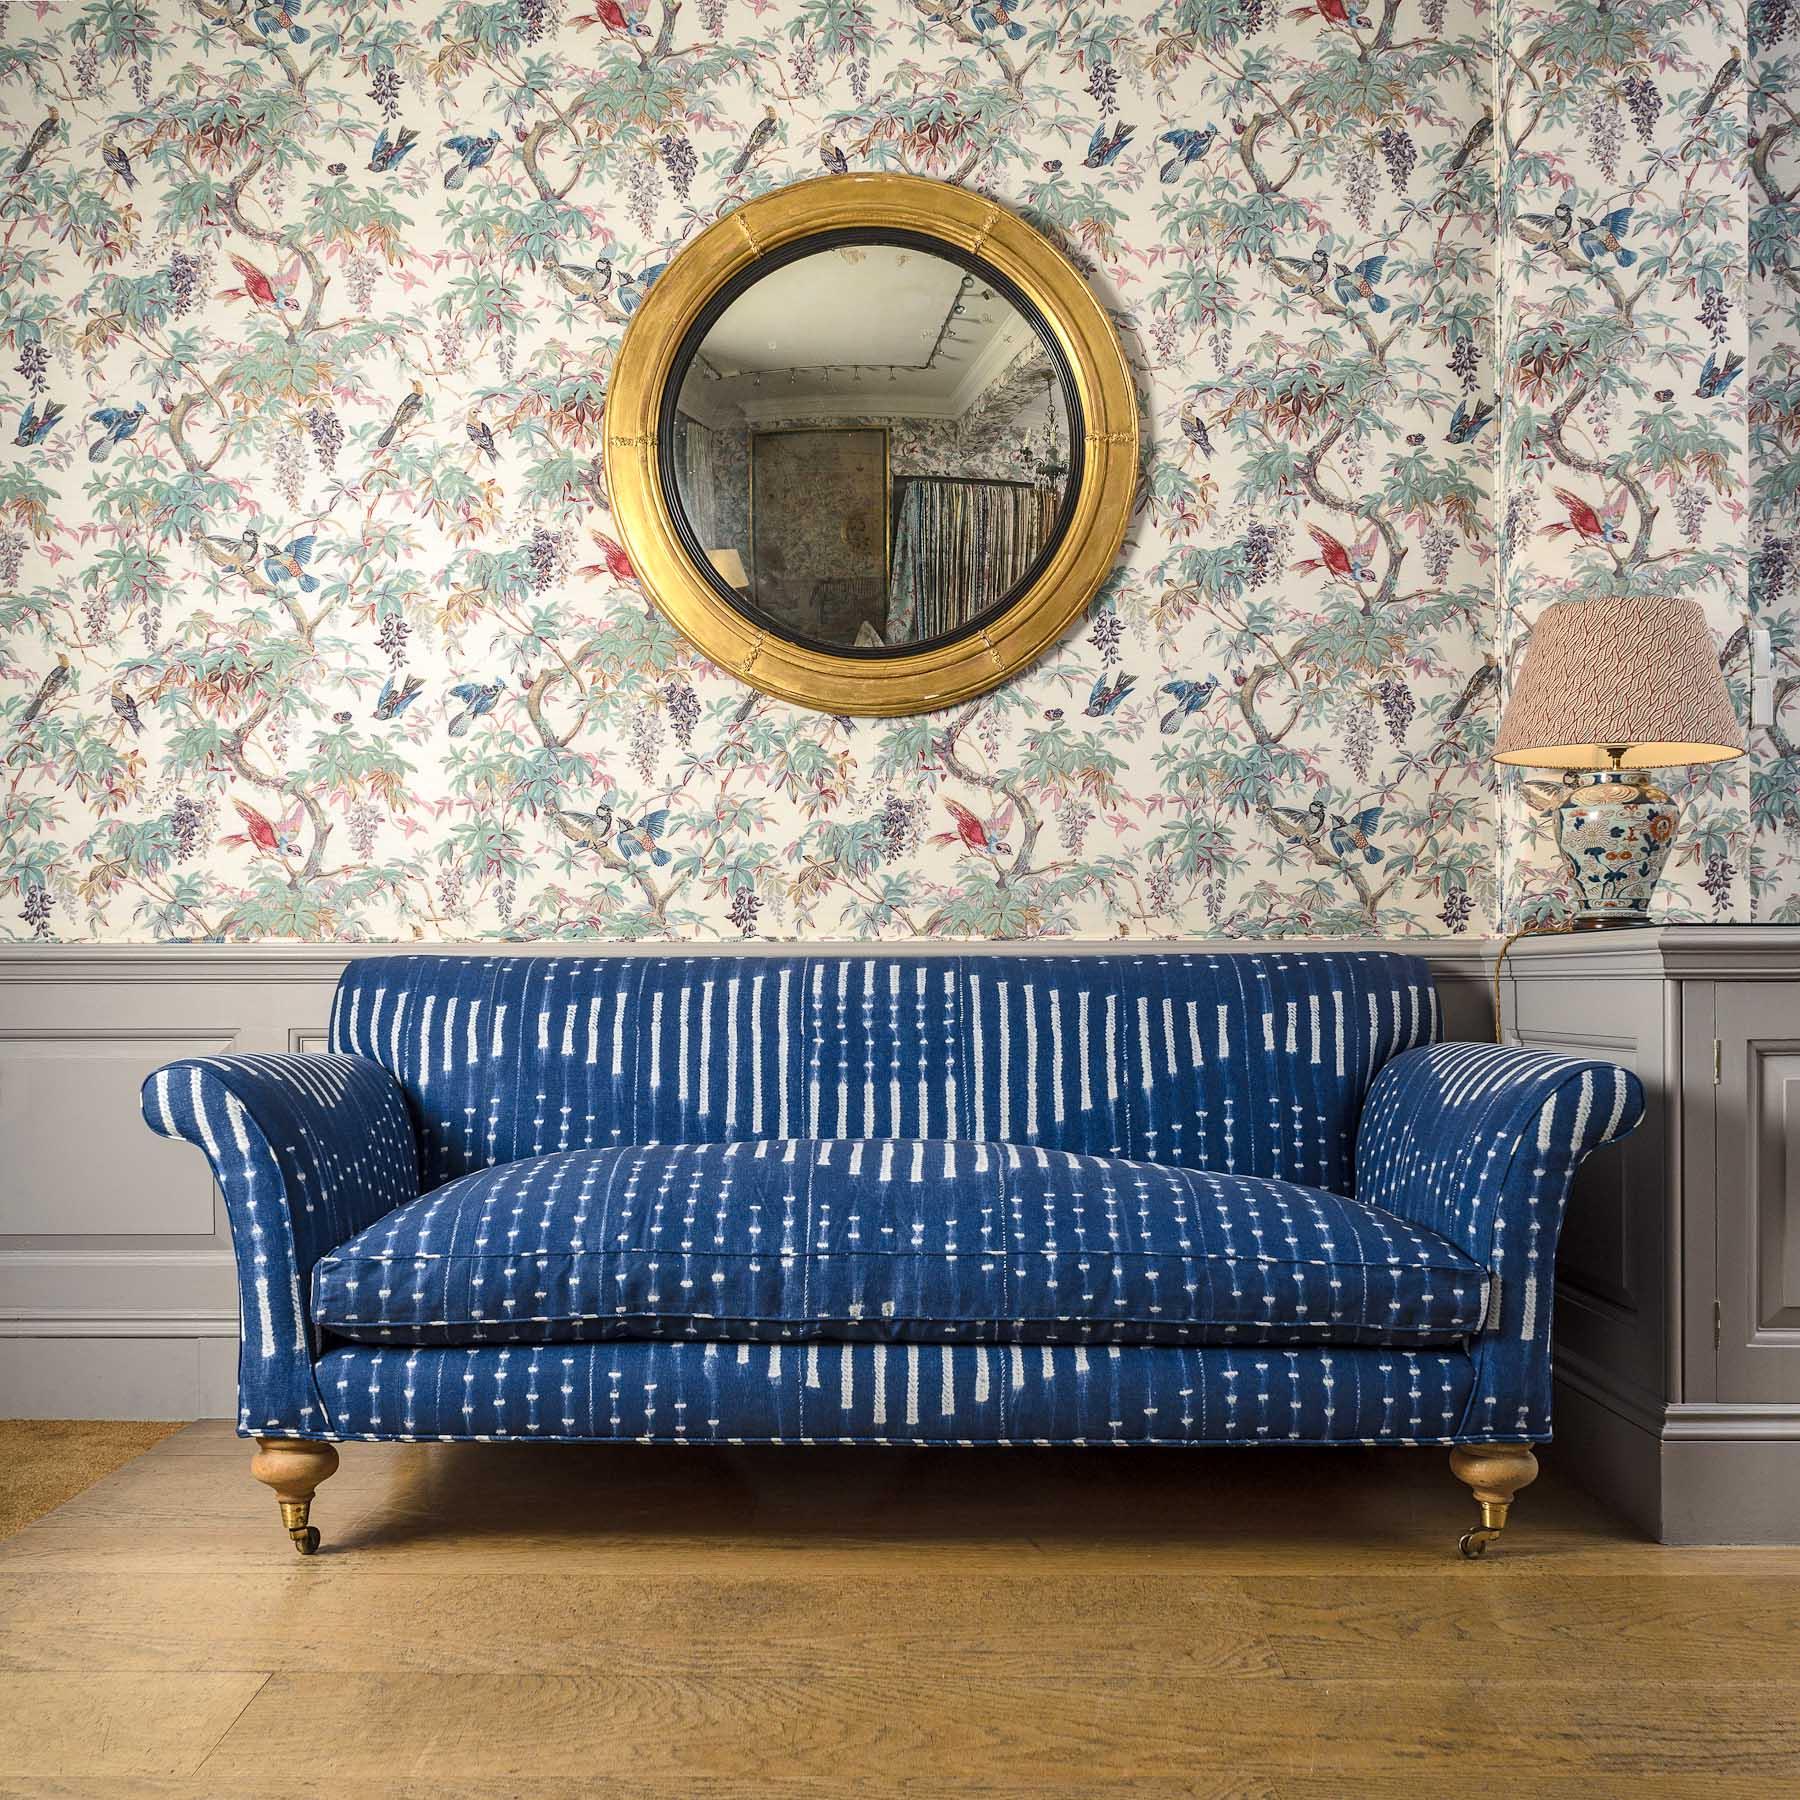 Onikoko Indigo upholstered Bollington Sofa and Paradise Original on Oyster walling